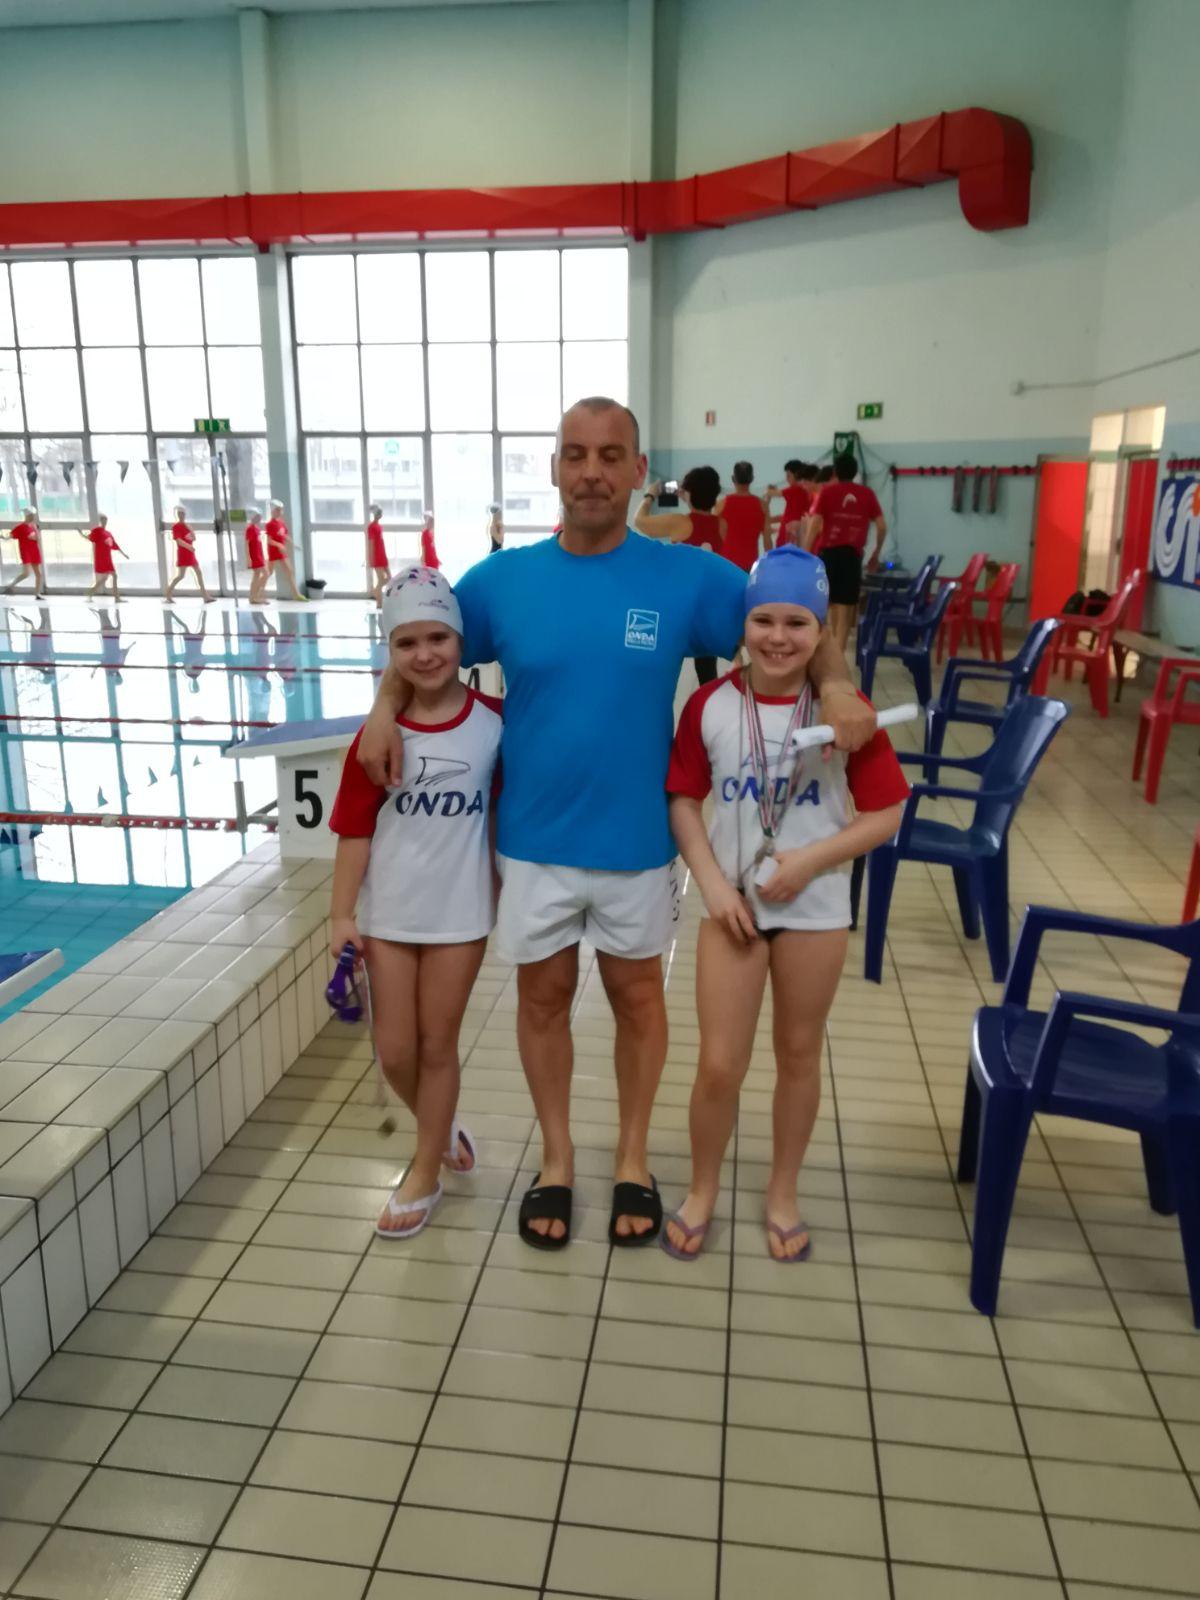 Piscina Via Melato.Nuoto In Festa Oltre 350 Atleti In Via Melato Marzo